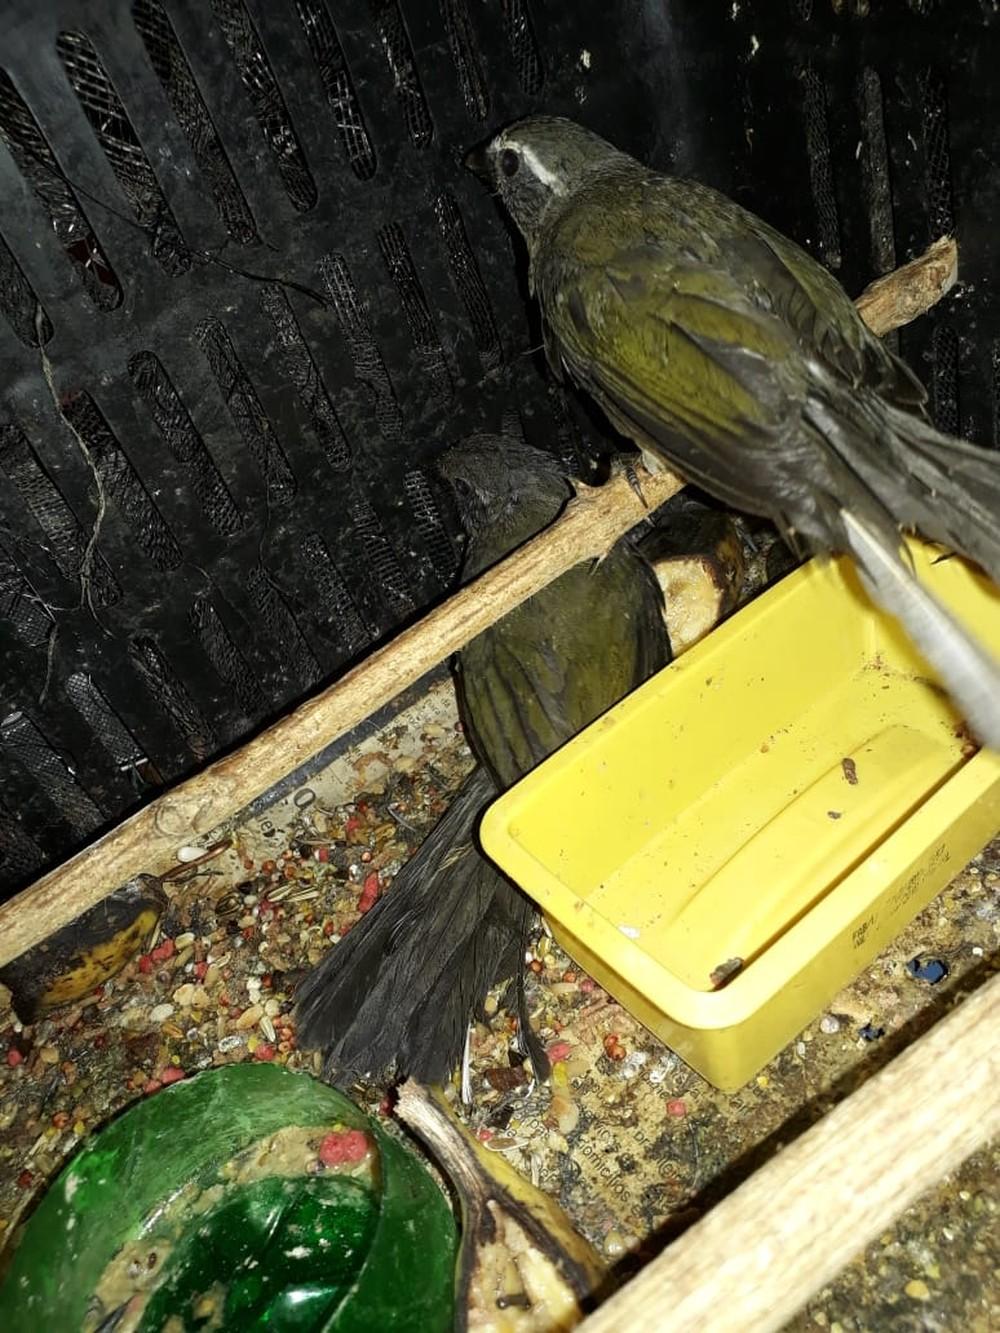 Aves são resgatadas de cativeiro em Silveiras — Foto: Divulgação / Polícia Ambiental